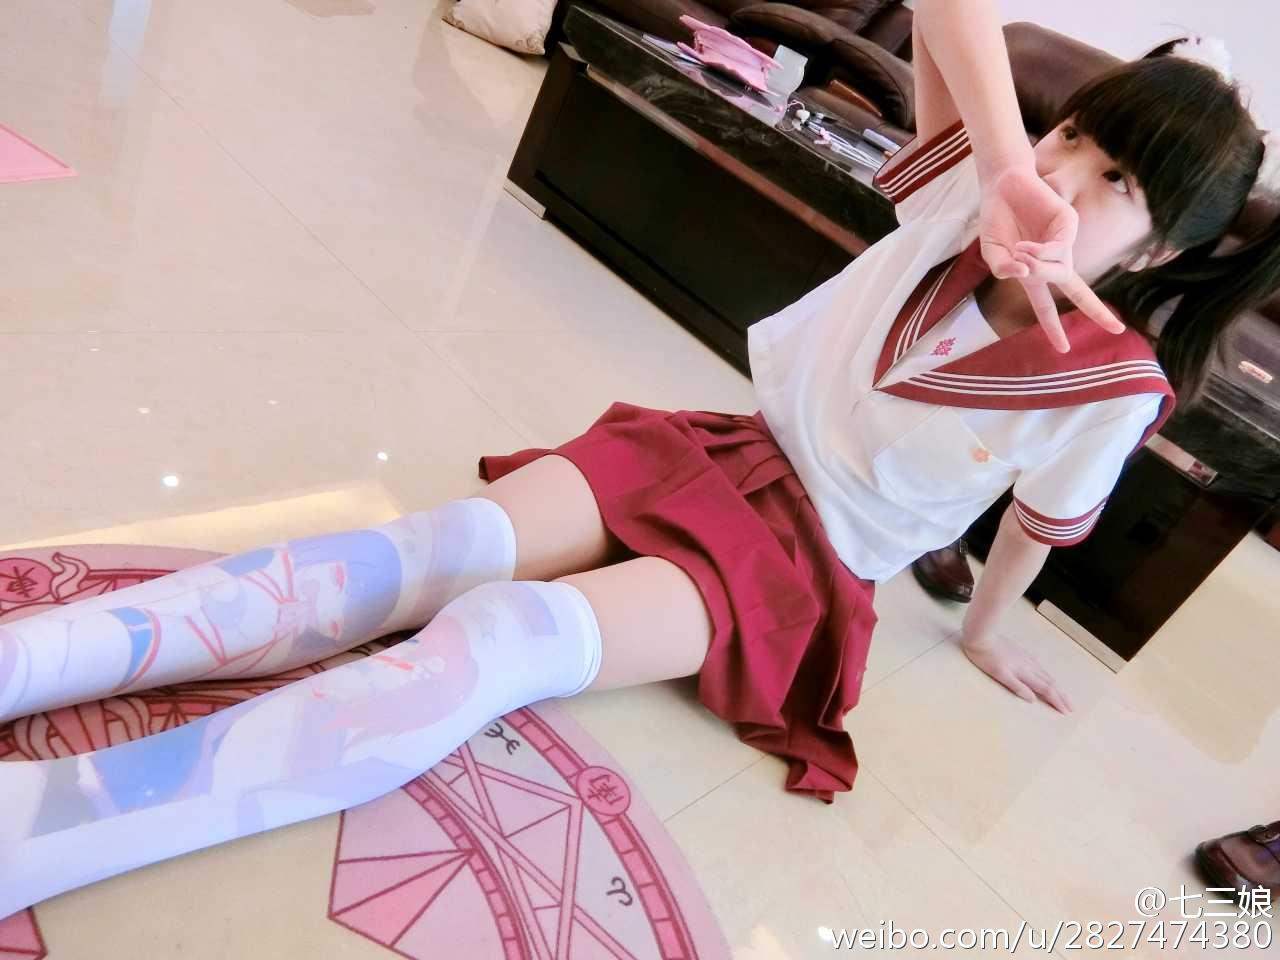 七三娘 今天的萌妹!!![doge]最后一张是动_美女福利图片(图4)